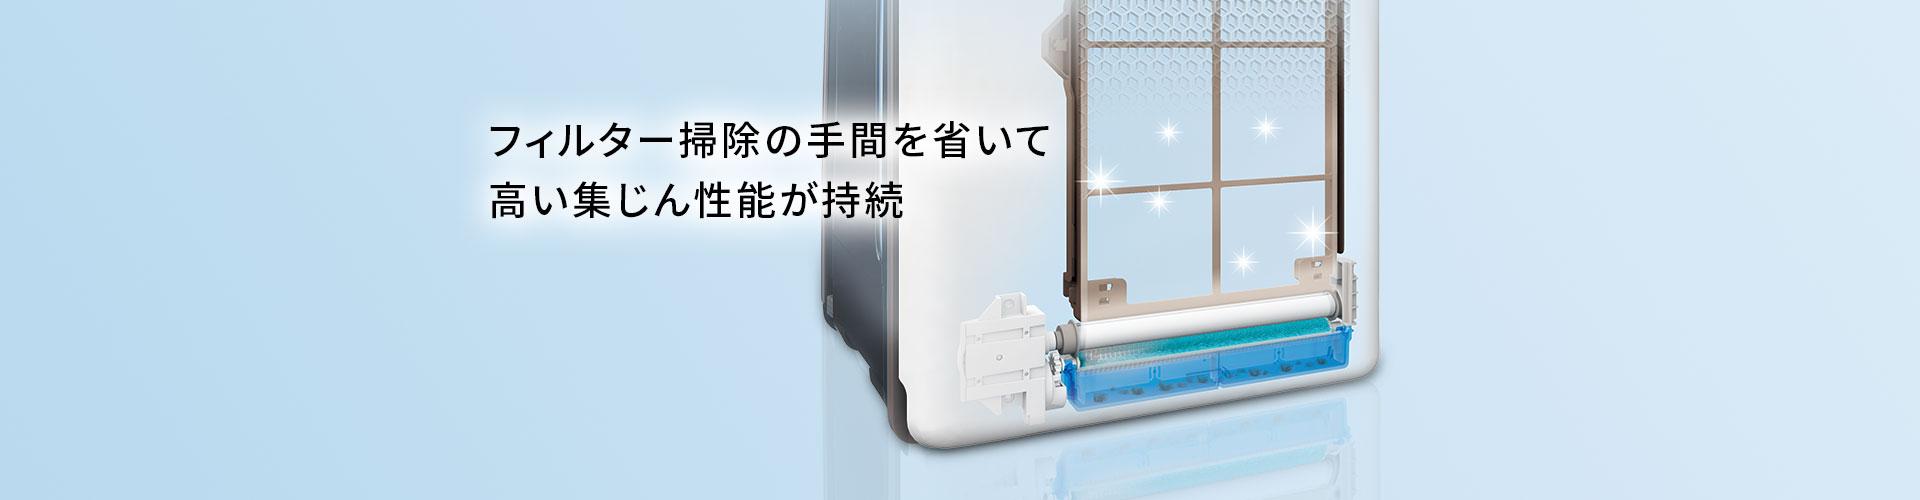 Các tính năng của bộ năng lượng làm sạch tự động KI-HX75